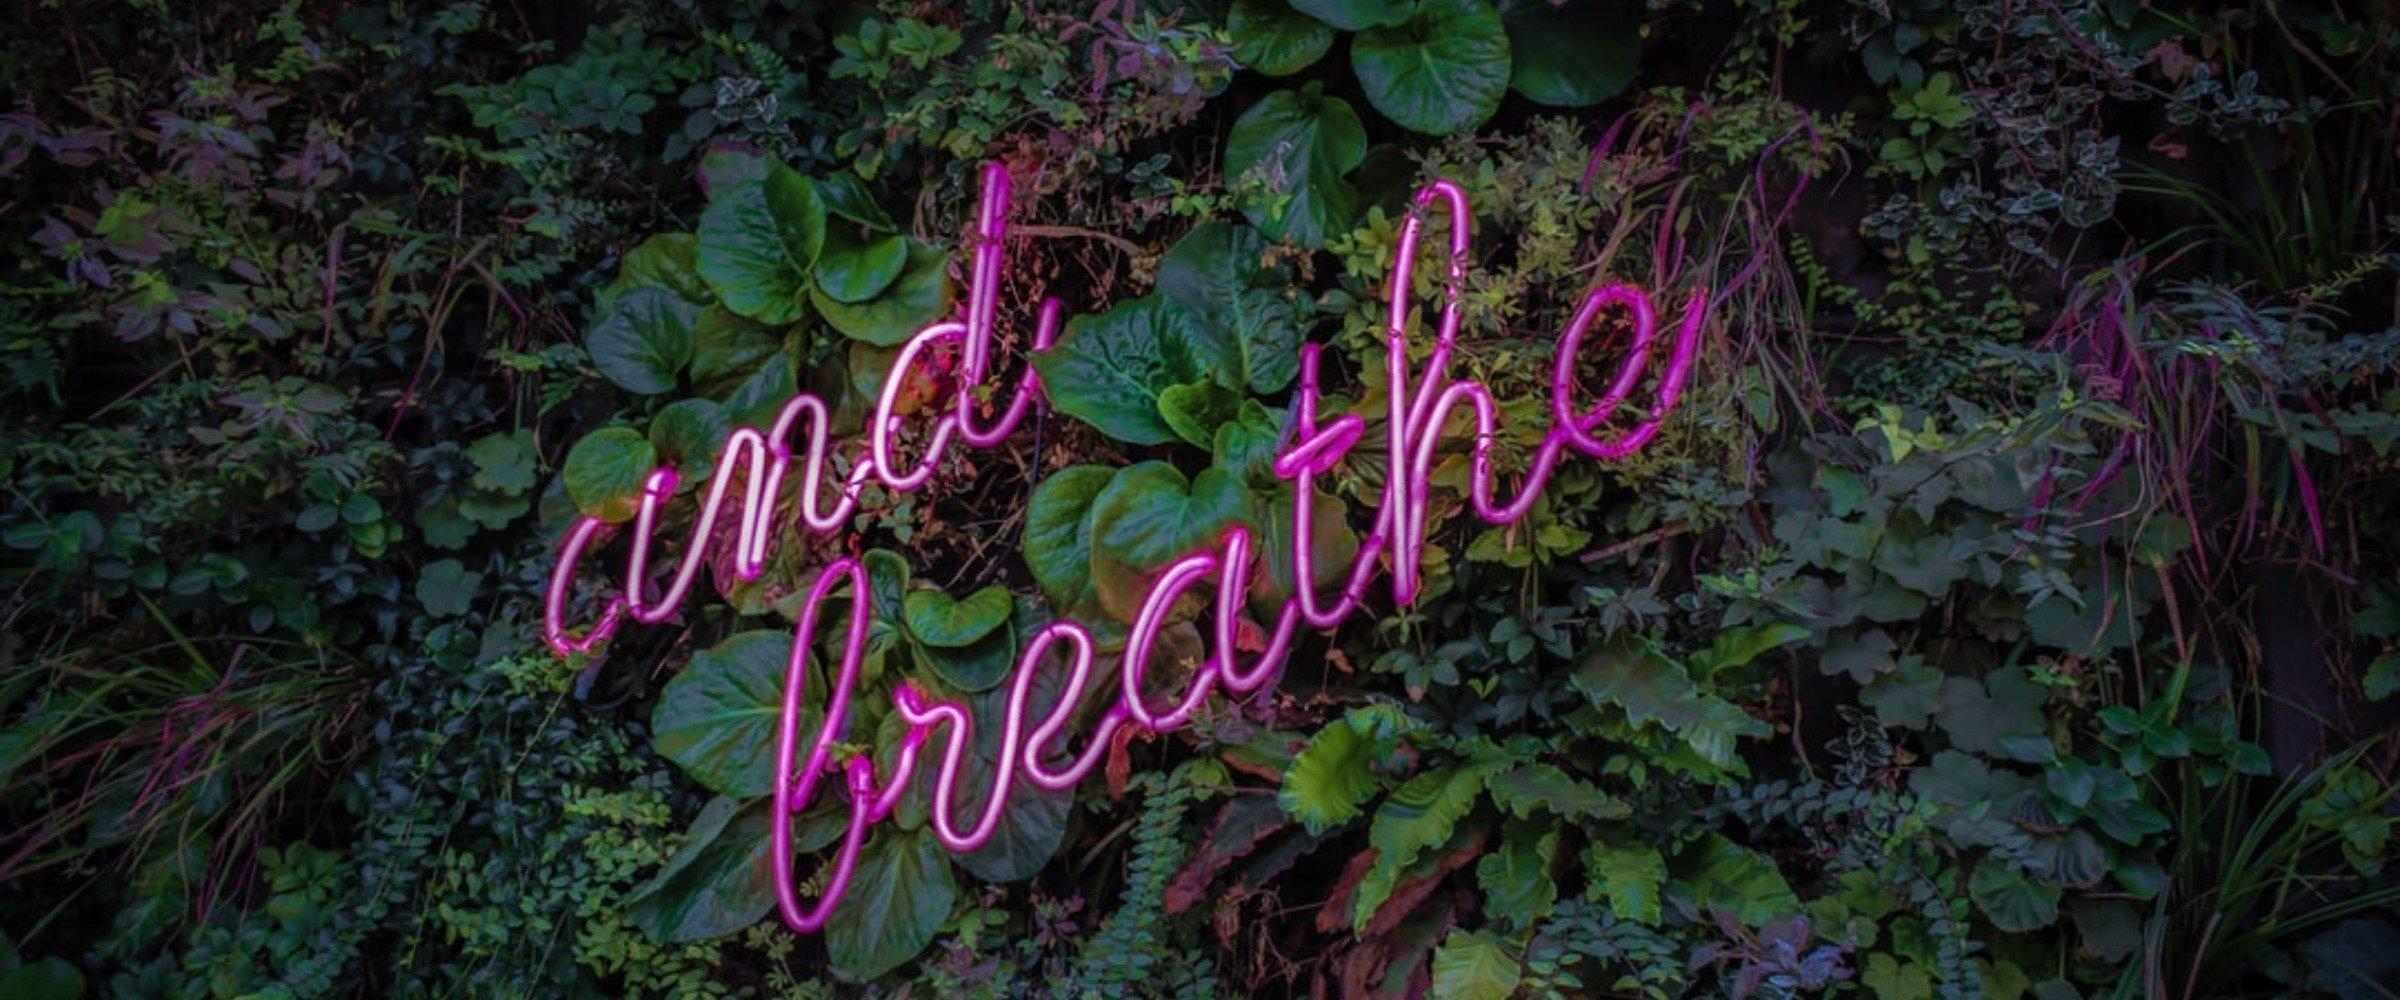 Het belang van genoeg rust inplannen in je leven